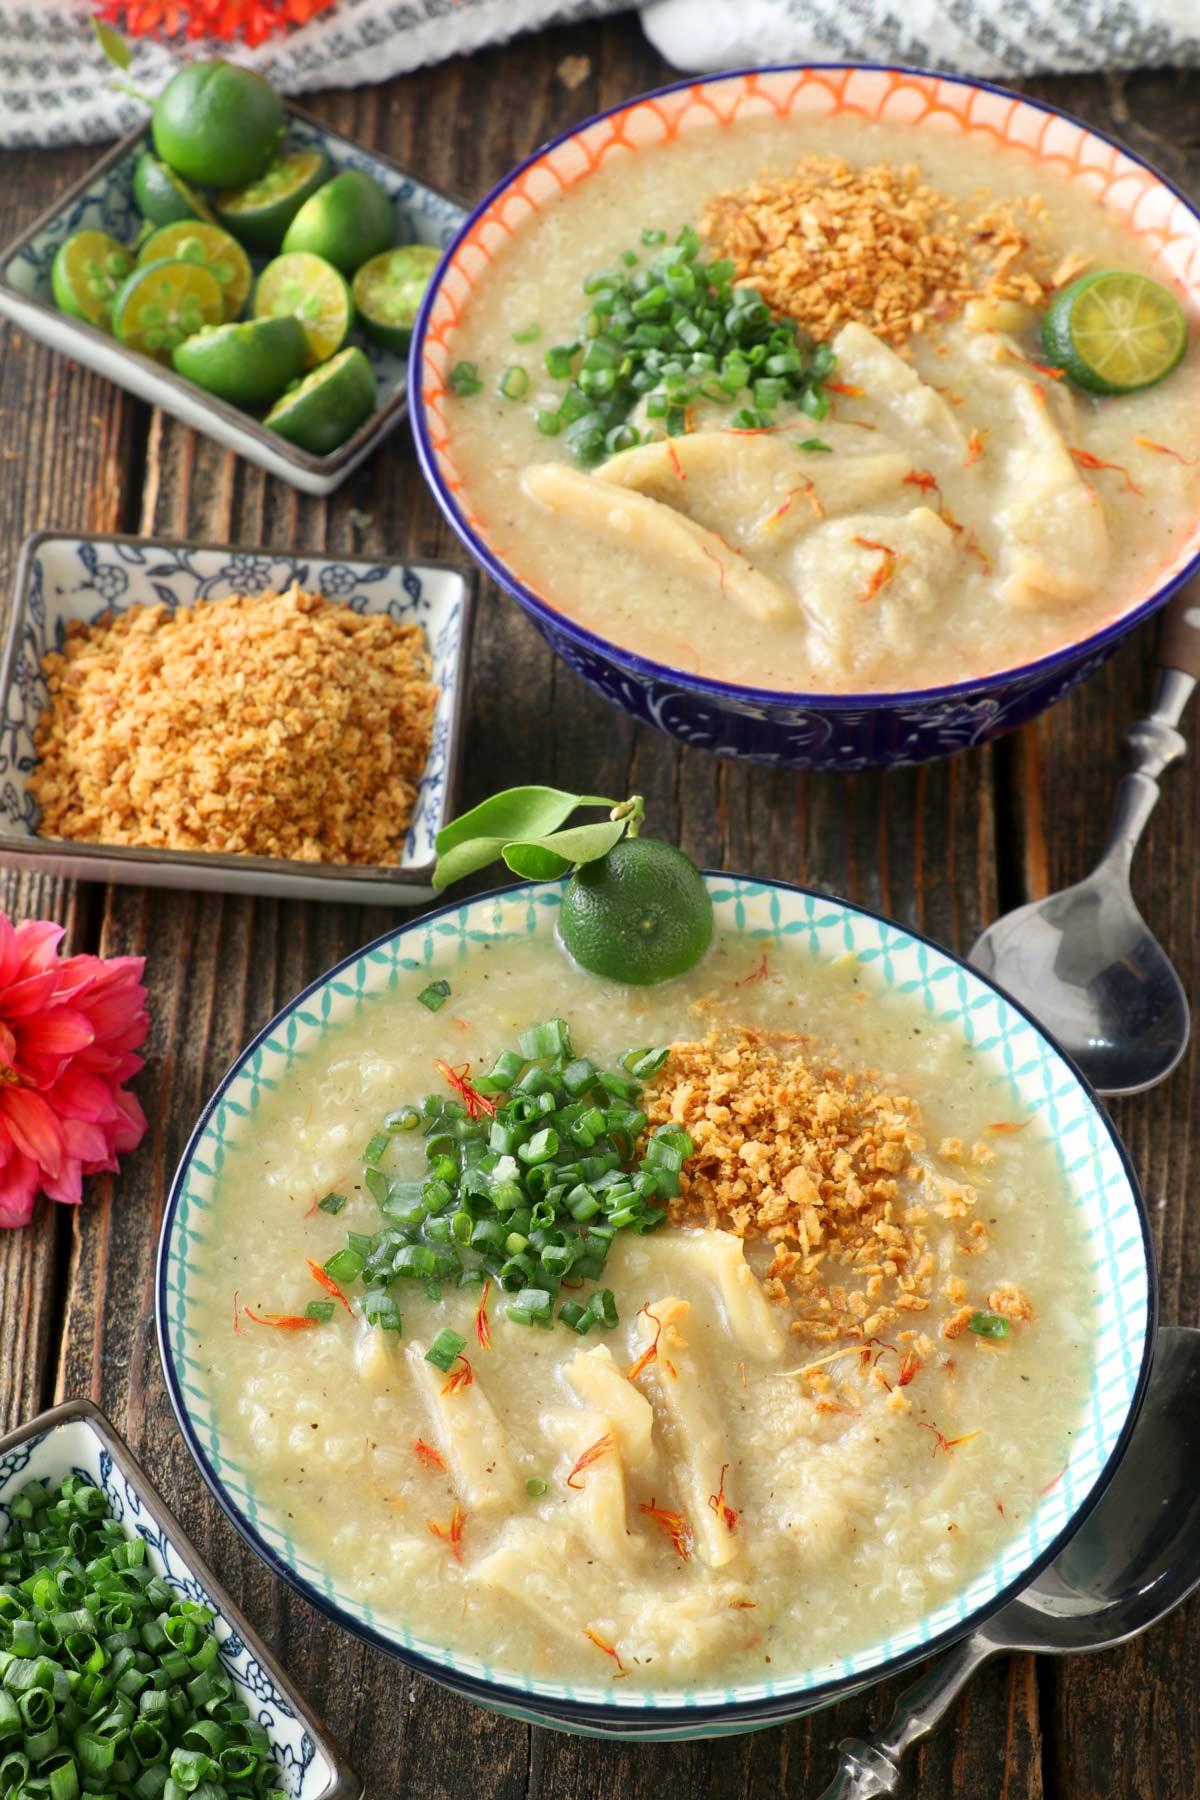 Bowls of goto arroz caldo.